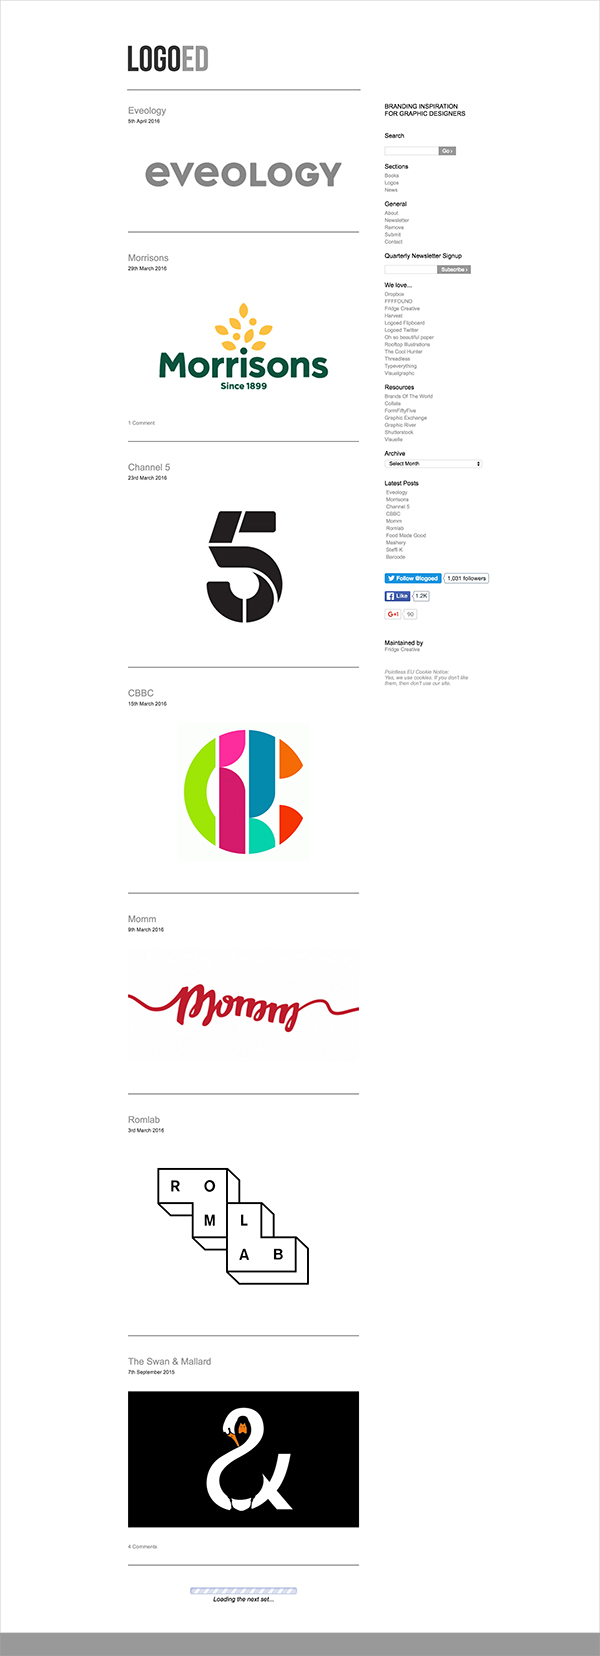 20 logoed